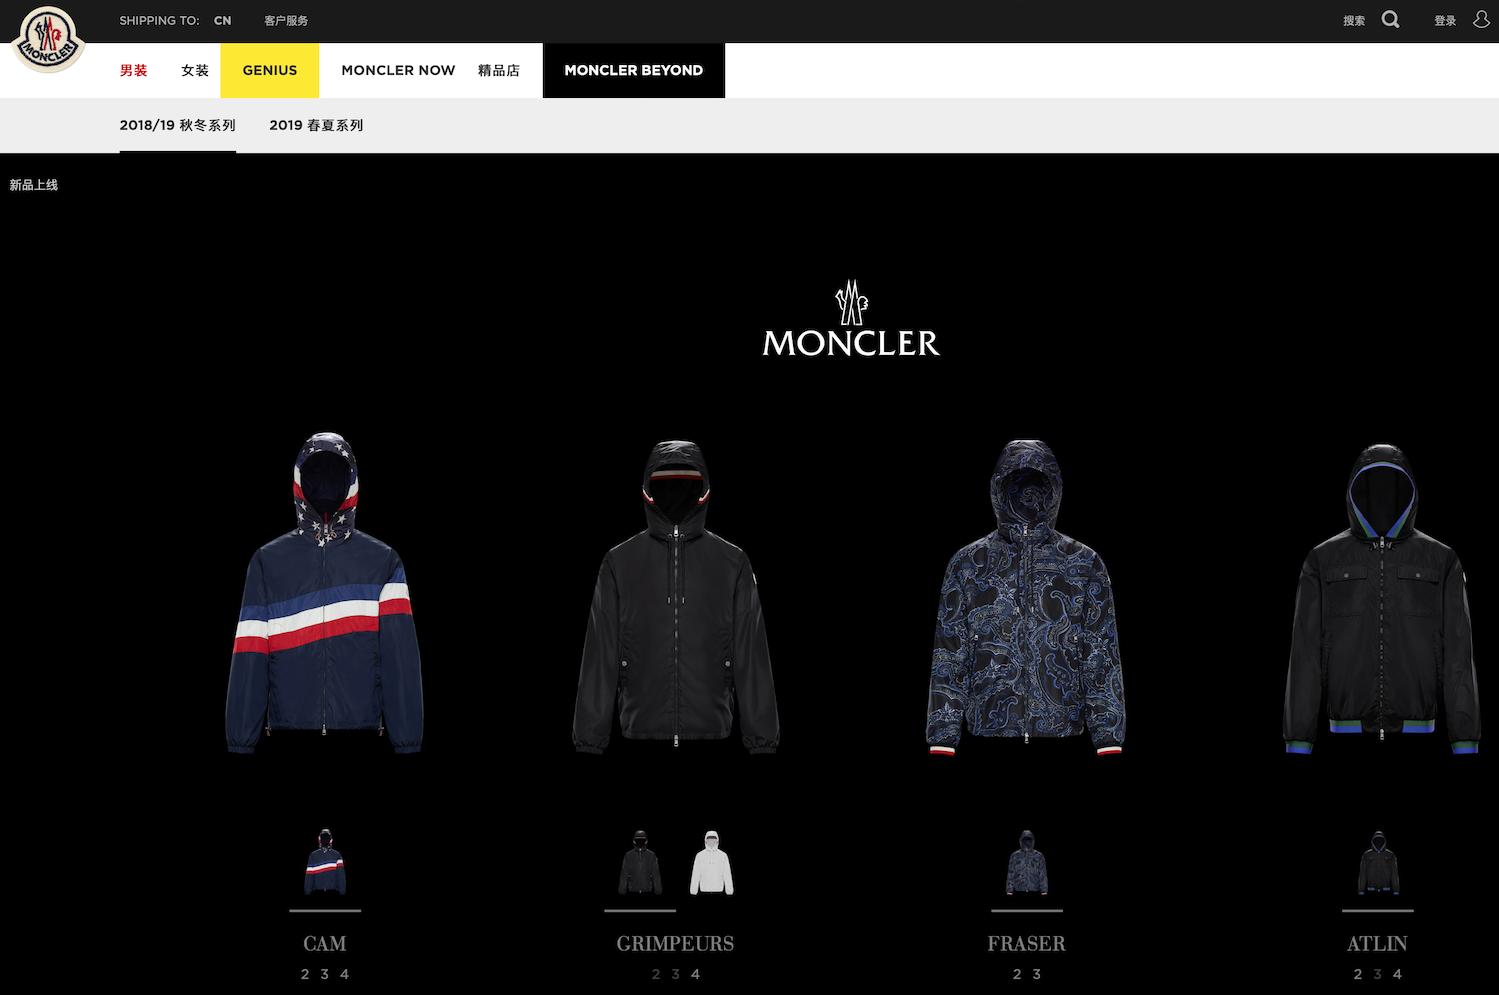 汇丰银行最新奢侈品行业报告:大型奢侈品集团的表现普遍优于单品牌集团,Moncler 或成例外